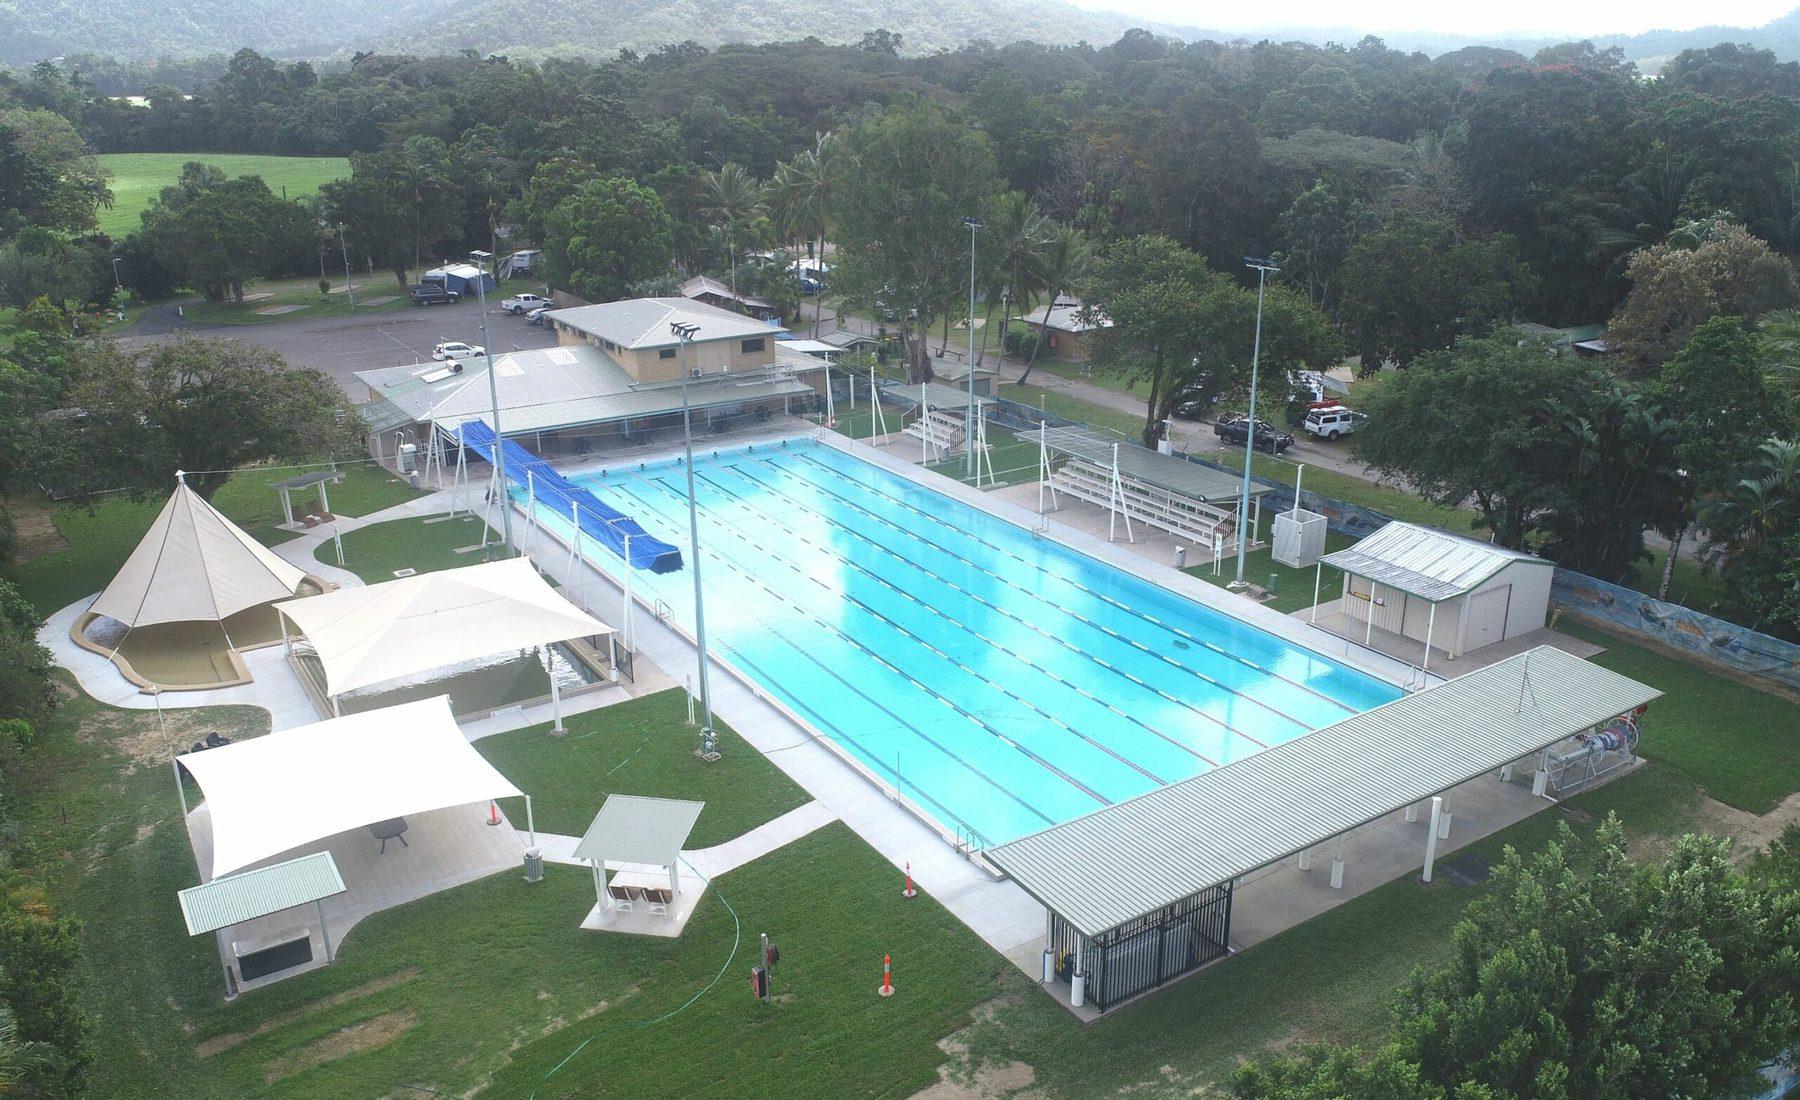 Mossman Pool